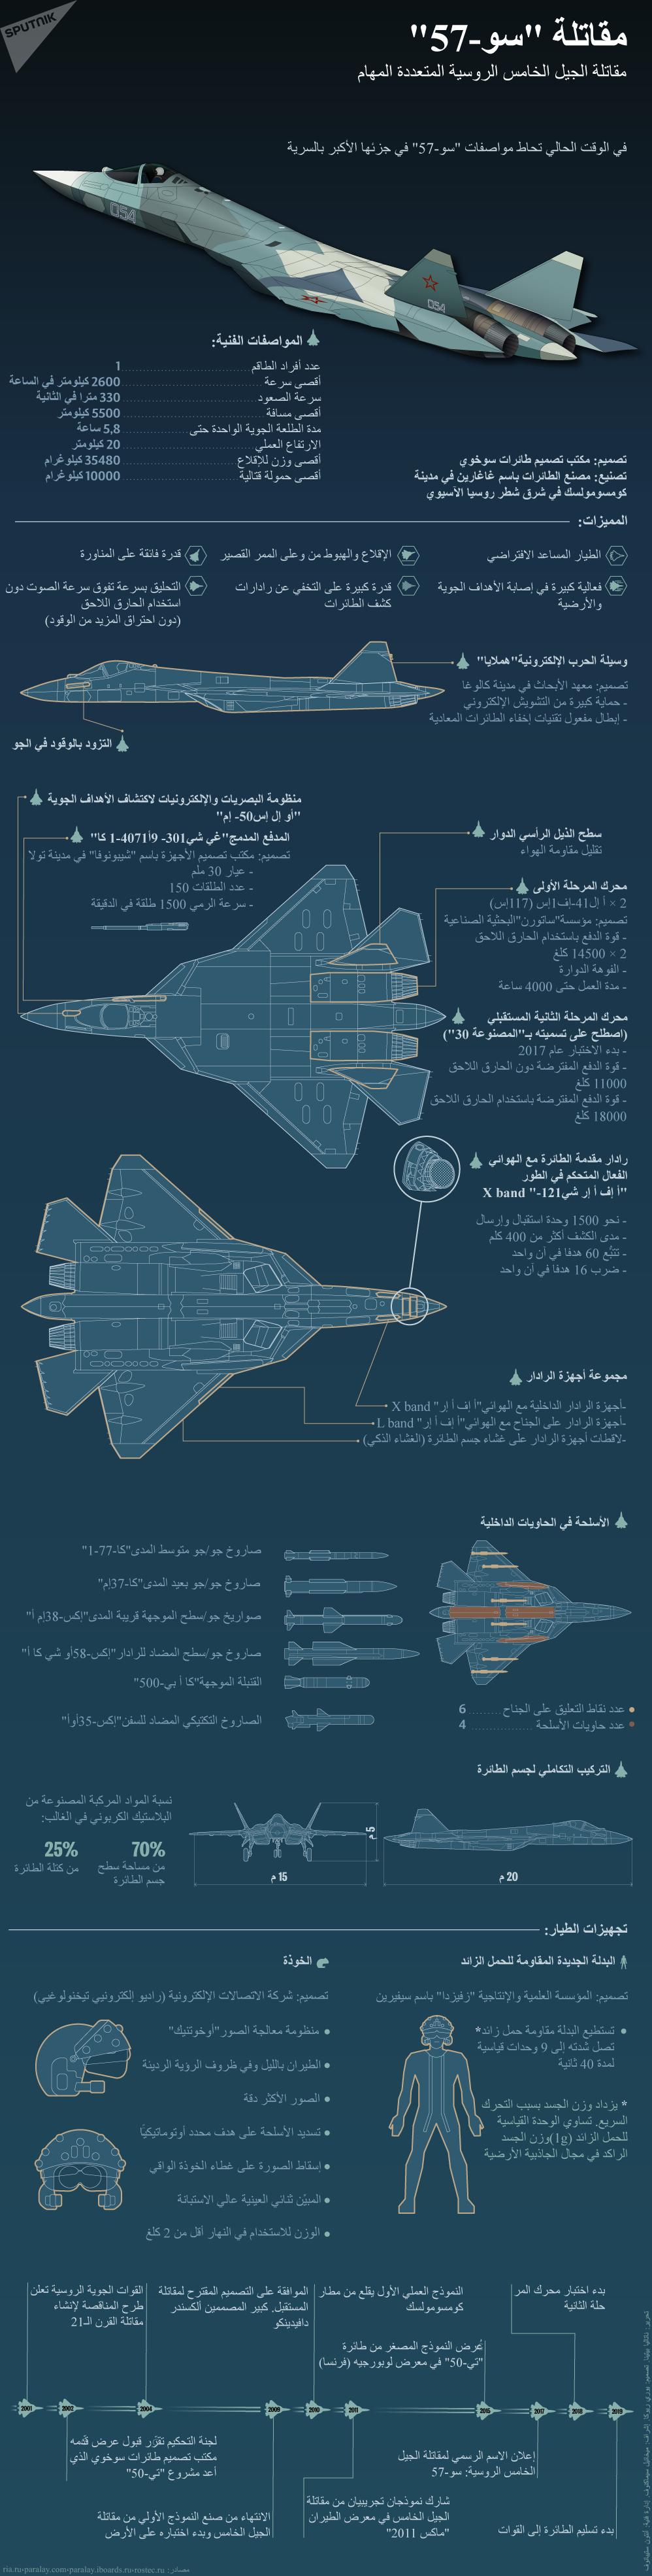 إنفوجرافيك - المقاتلة الروسية سو-57